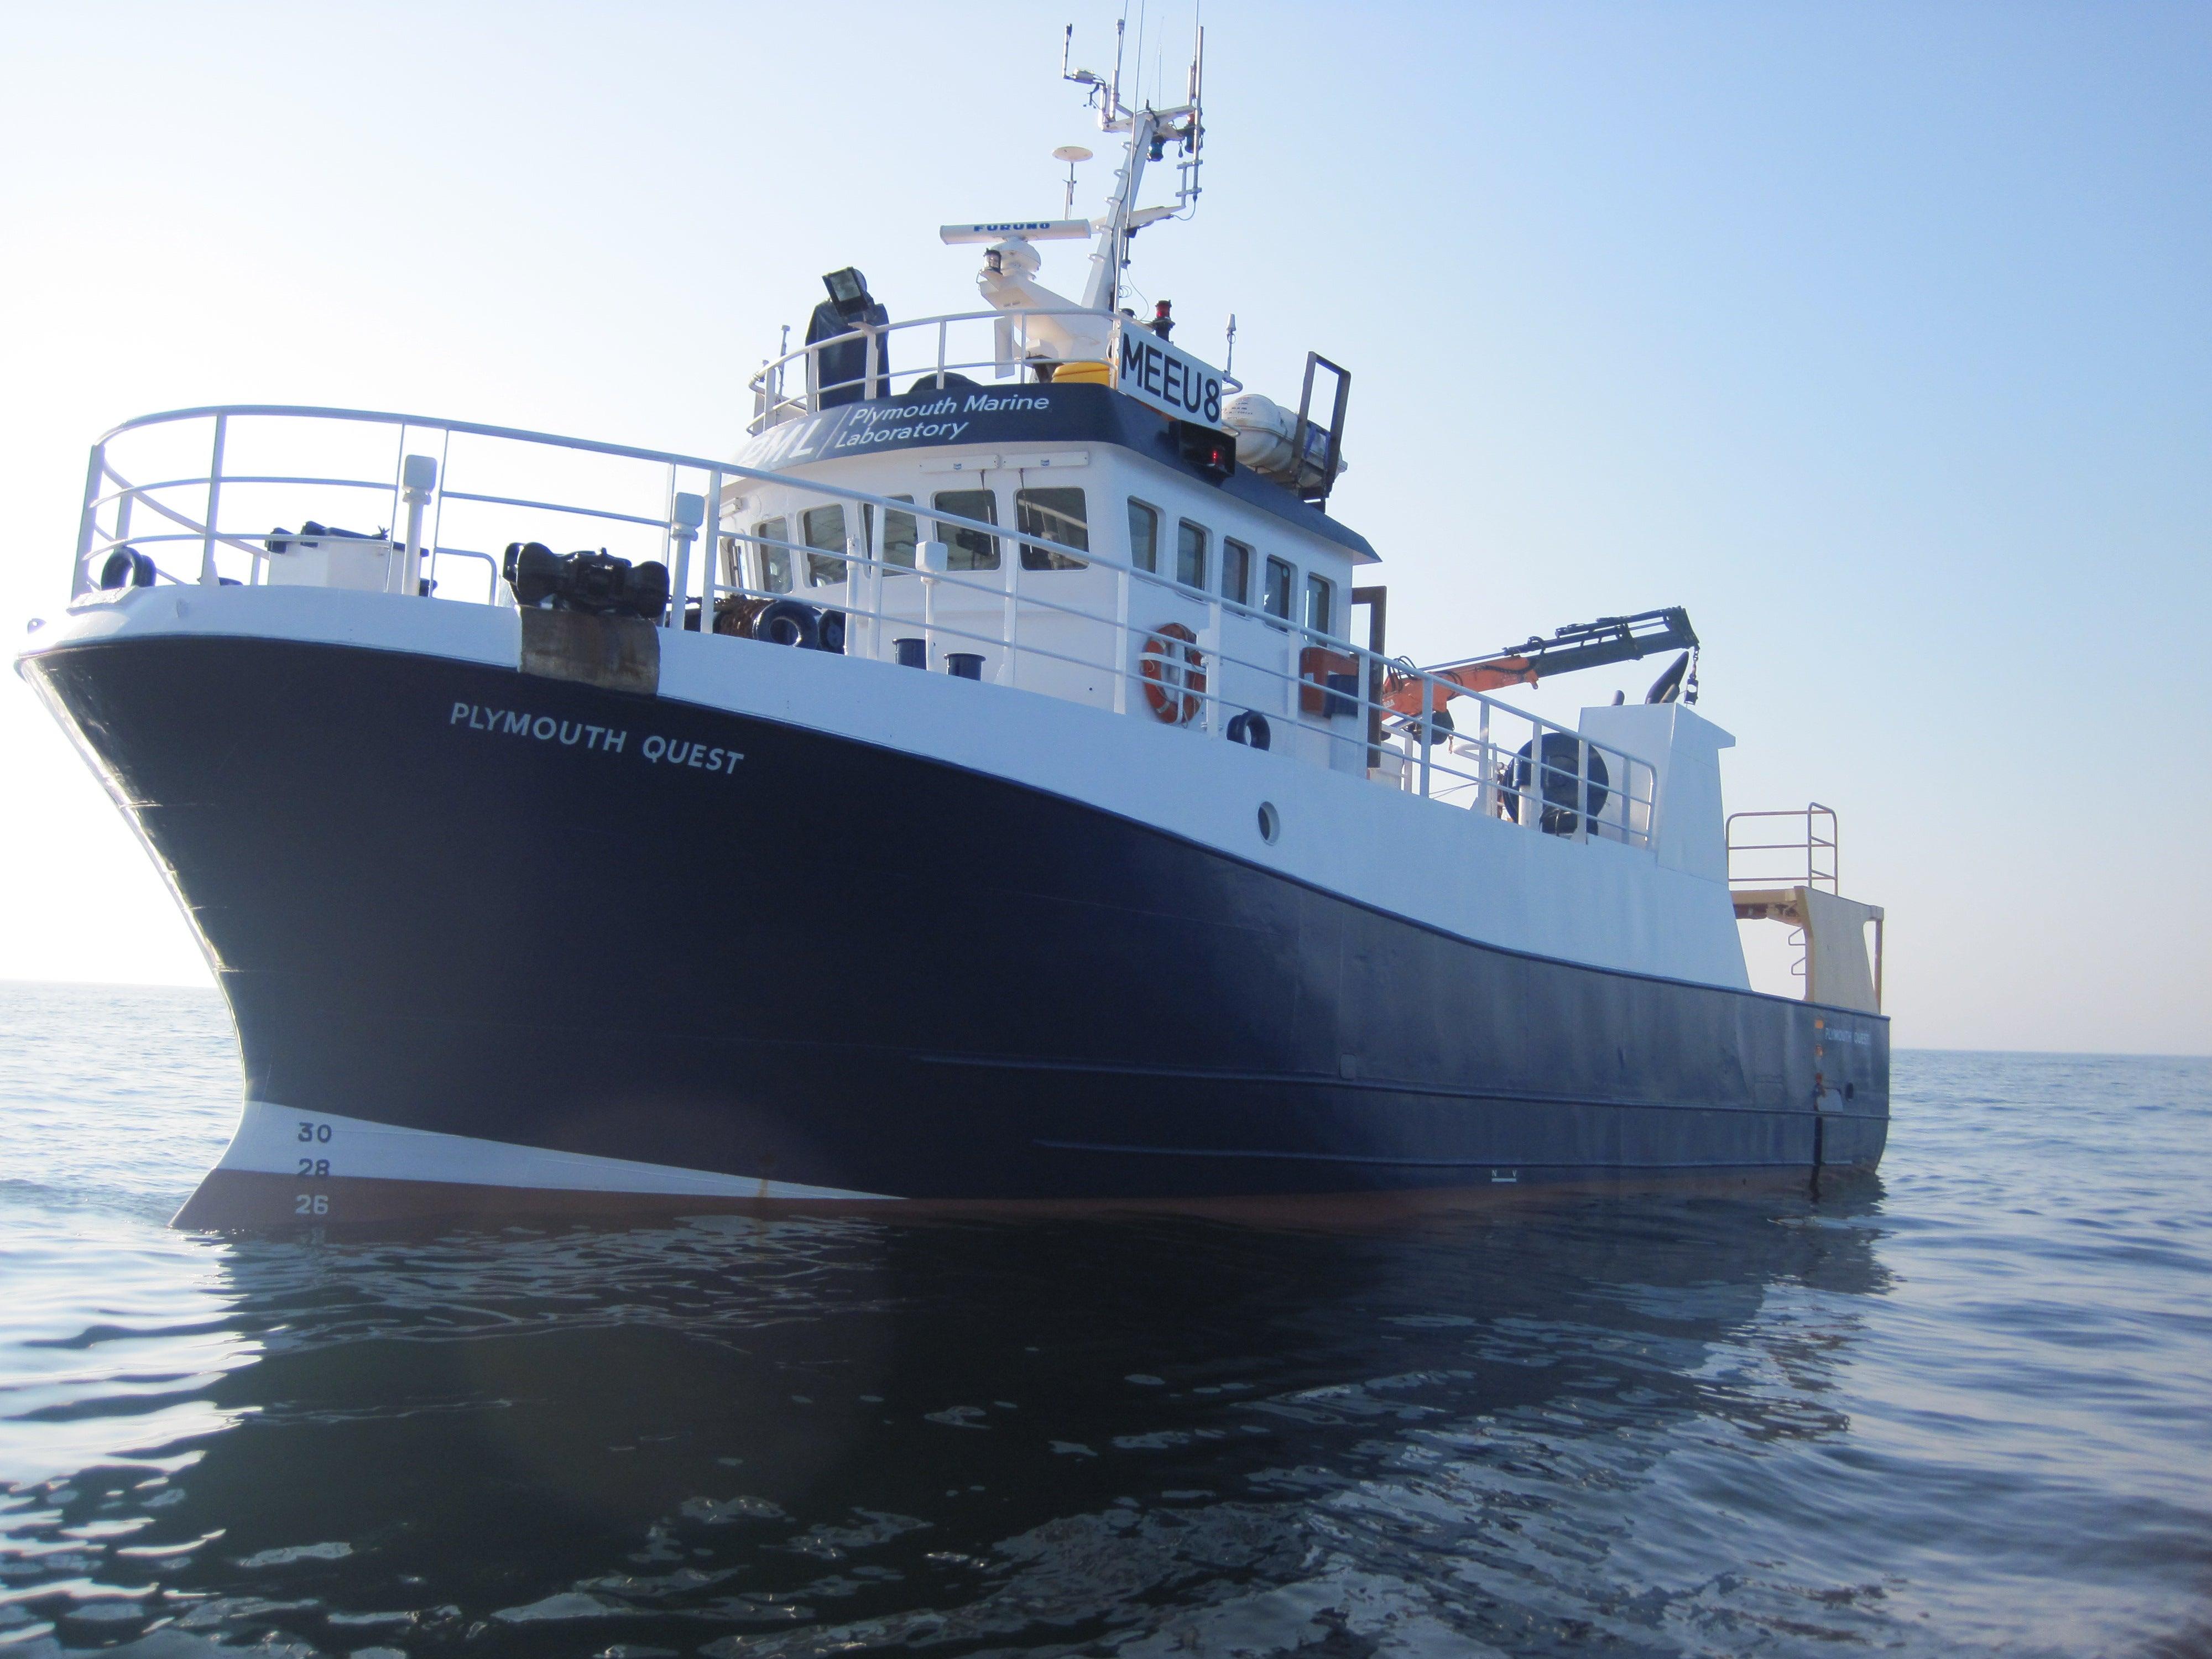 Fronteras del futuro: El Mayflower, el barco sin tripulación